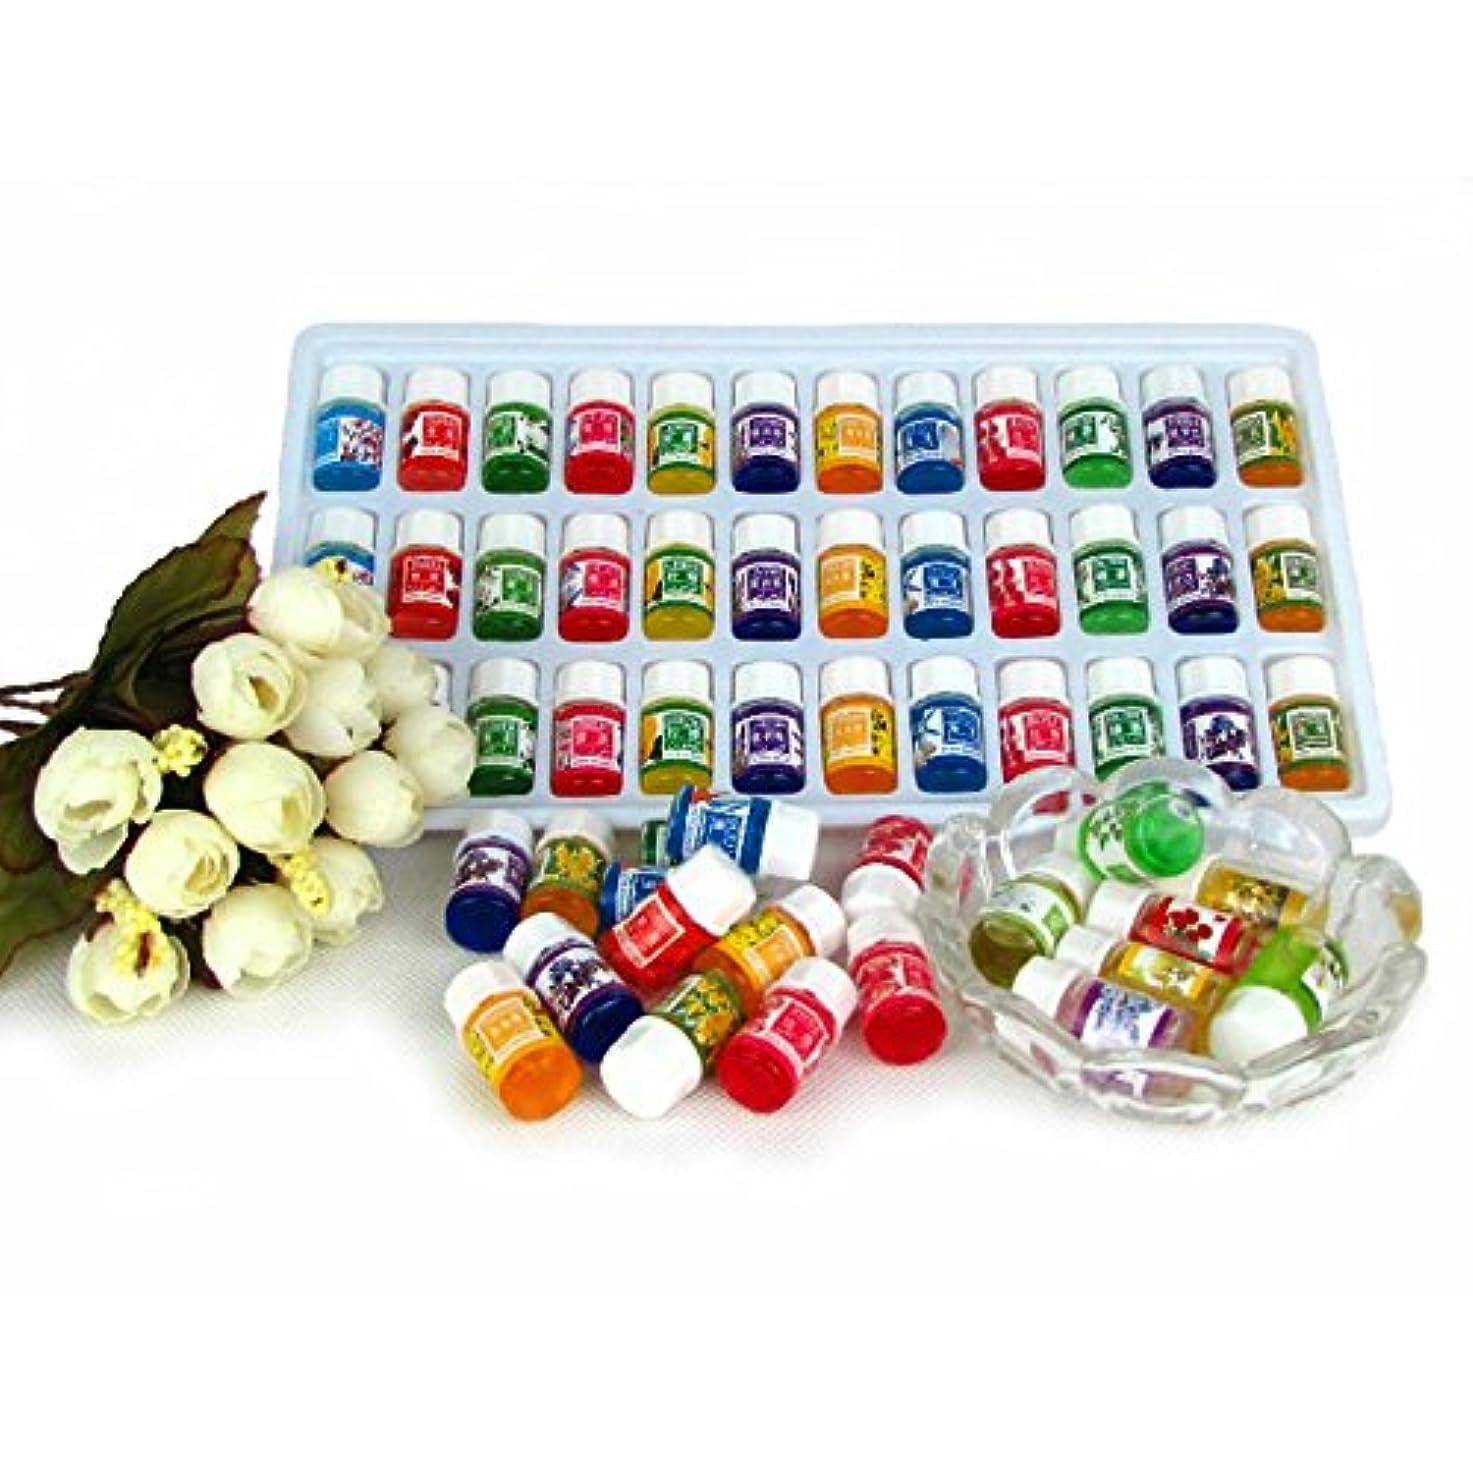 ドラフト競争力のある所持Hongch ピュアラベンダーエッセンシャルオイル 毎日パックセット ナチュラル36pcs / lot 水溶性 12種類の香り 毎日